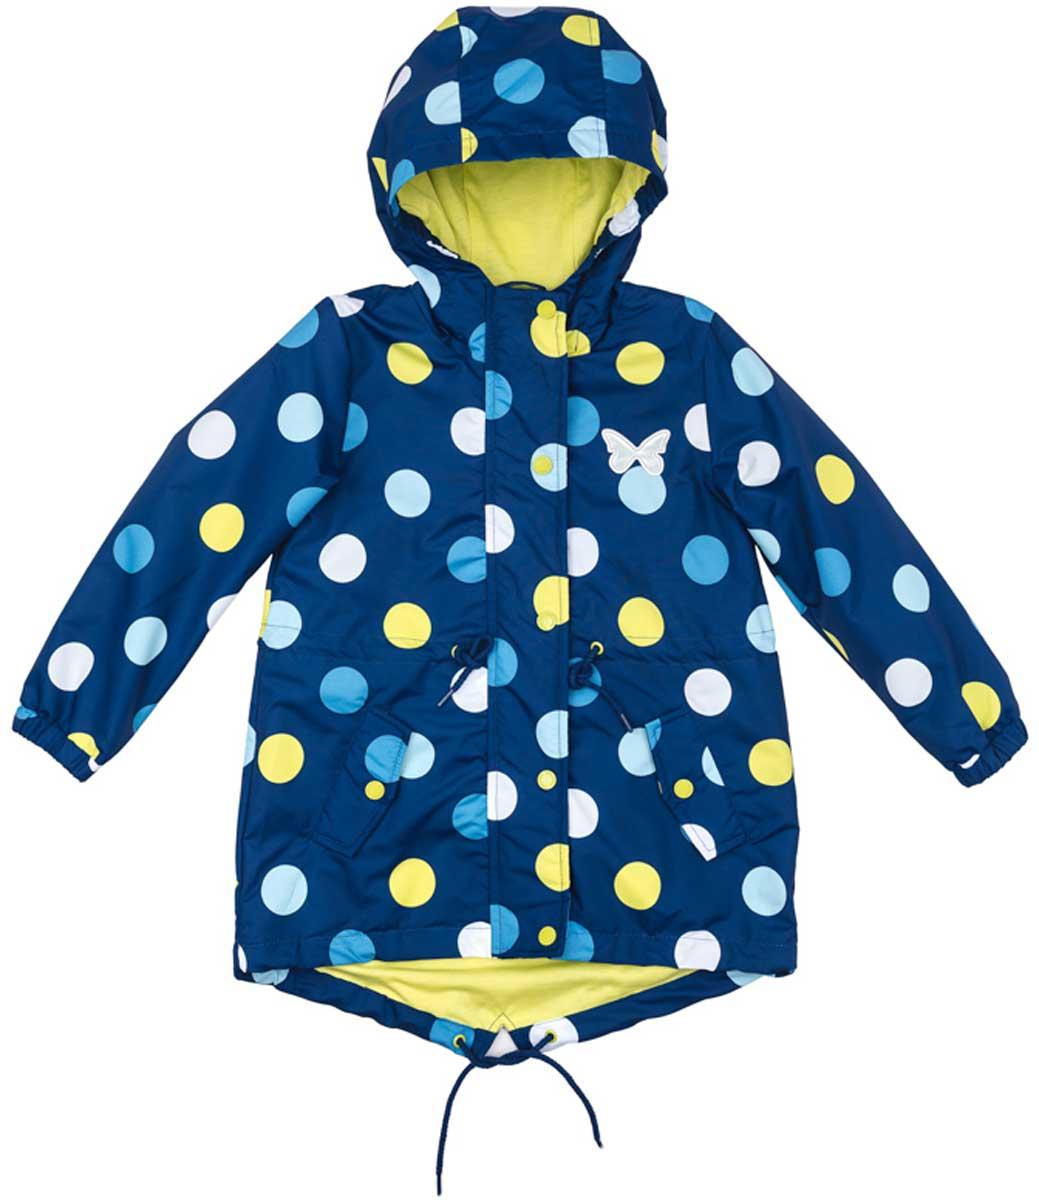 Куртка для девочки PlayToday, цвет: синий, голубой, белый, светло-желтый. 172101. Размер 98172101Практичная яркая куртка со специальной водоотталкивающей пропиткой защитит вашего ребенка в любую погоду! Мягкие резинки на рукавах защитят вашего ребенка - ветер не сможет проникнуть под куртку. Специальный карман для фиксации застежки-молнии не позволит застежке травмировать нежную кожу ребенка. Модель снабжена удобными регулируемым шнурами - кулисками на капюшоне, талии и по низу изделия. Светоотражатели позволят видеть вашего ребенка в темное время суток.